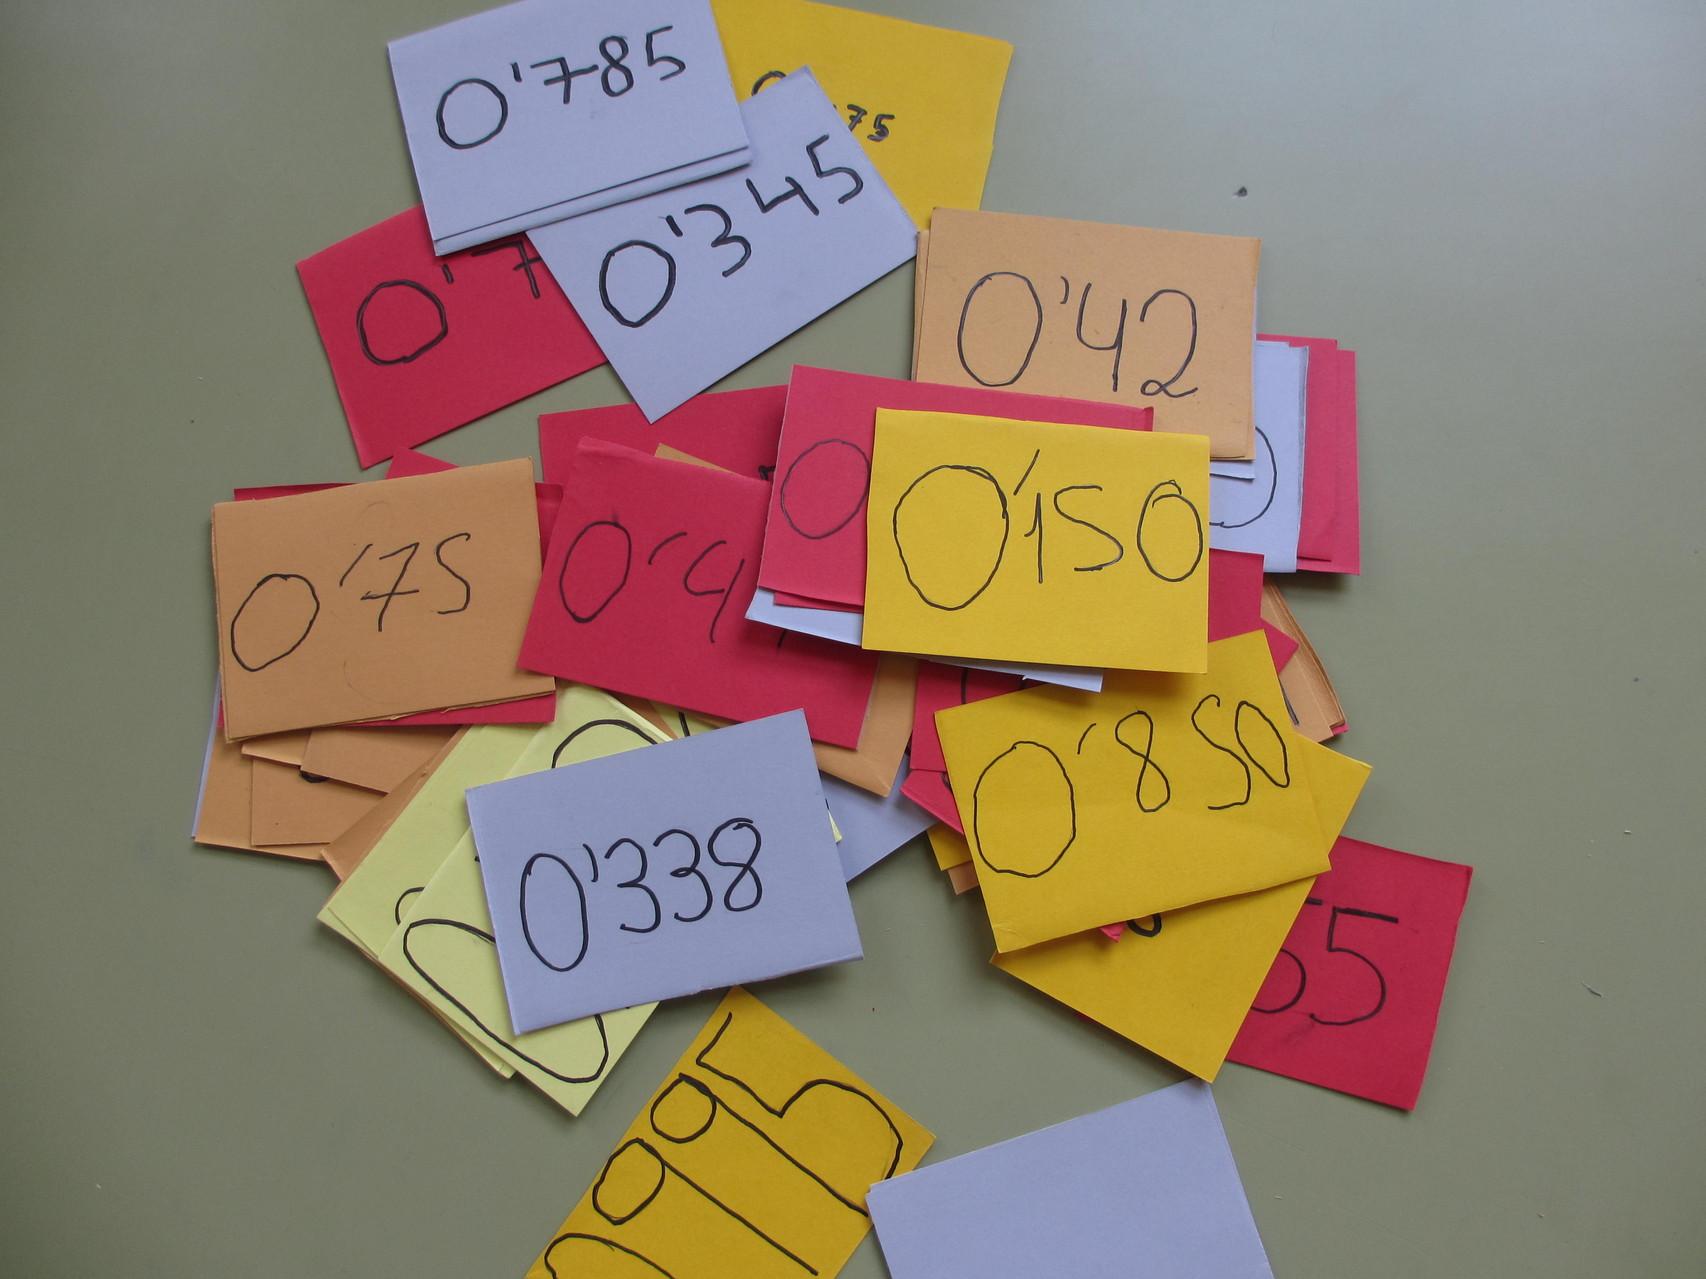 Juegos decimales